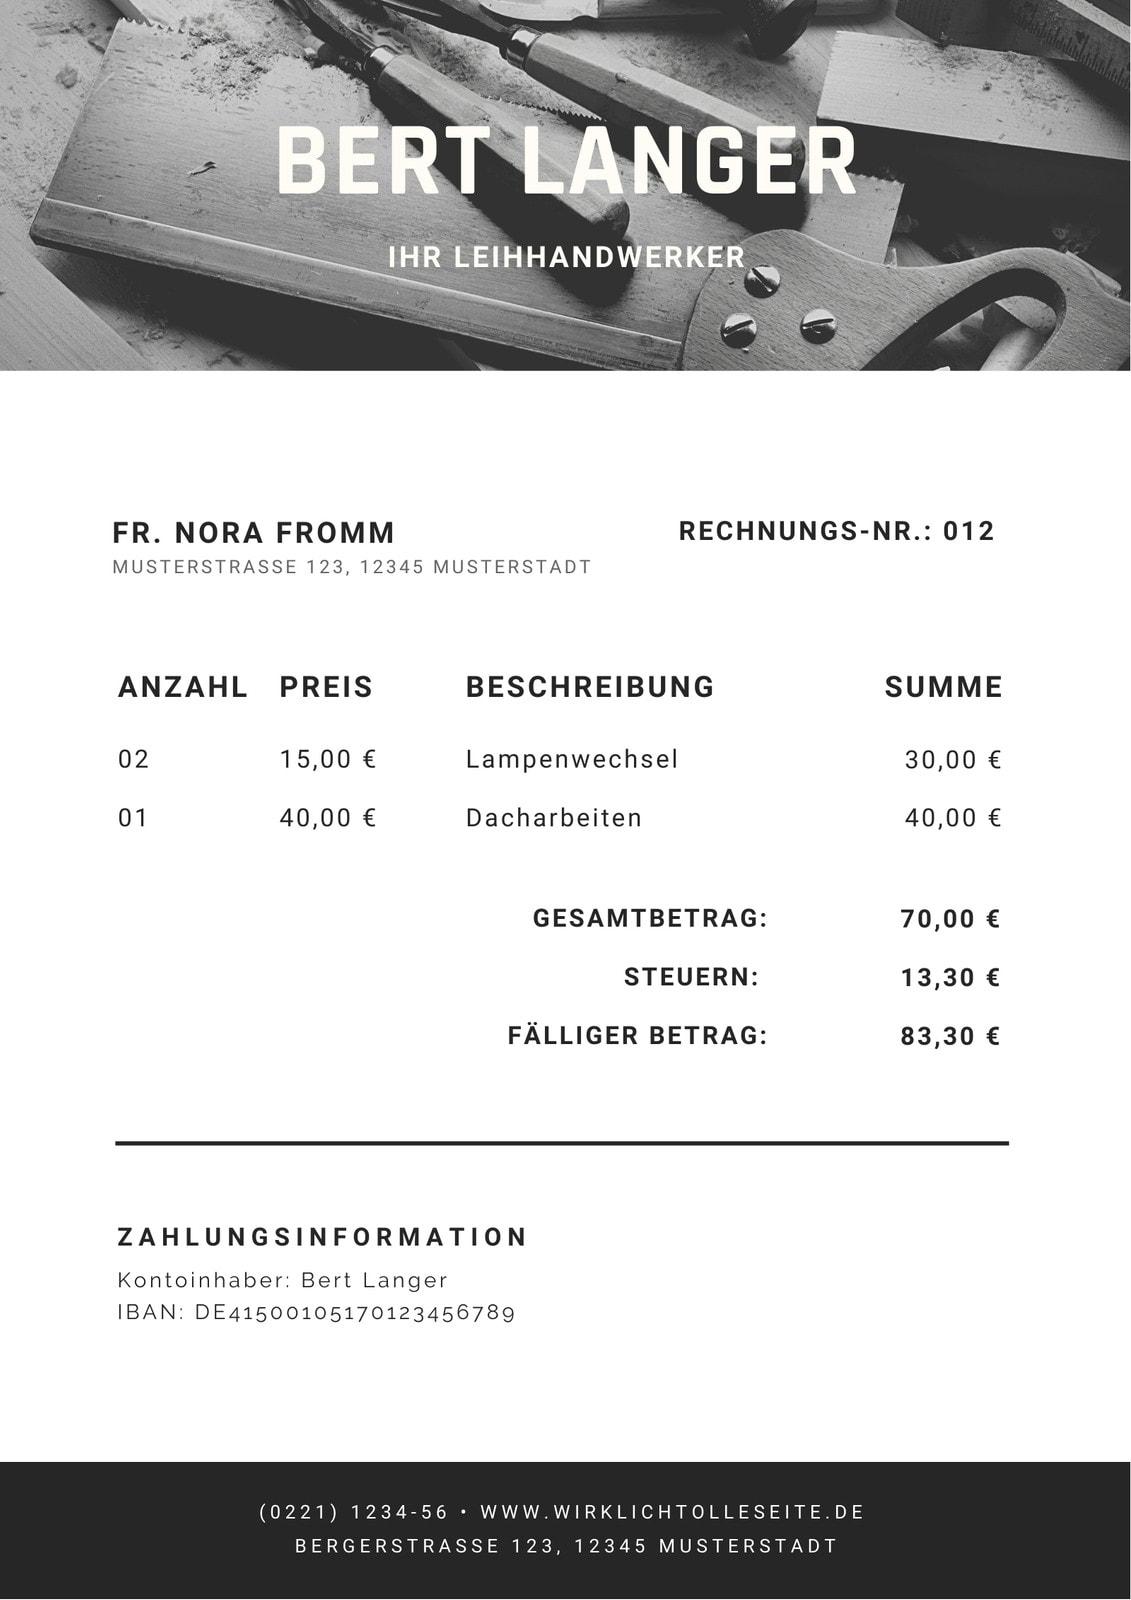 Modern Schwarz und Weiß Foto Dienstleistung Rechnung